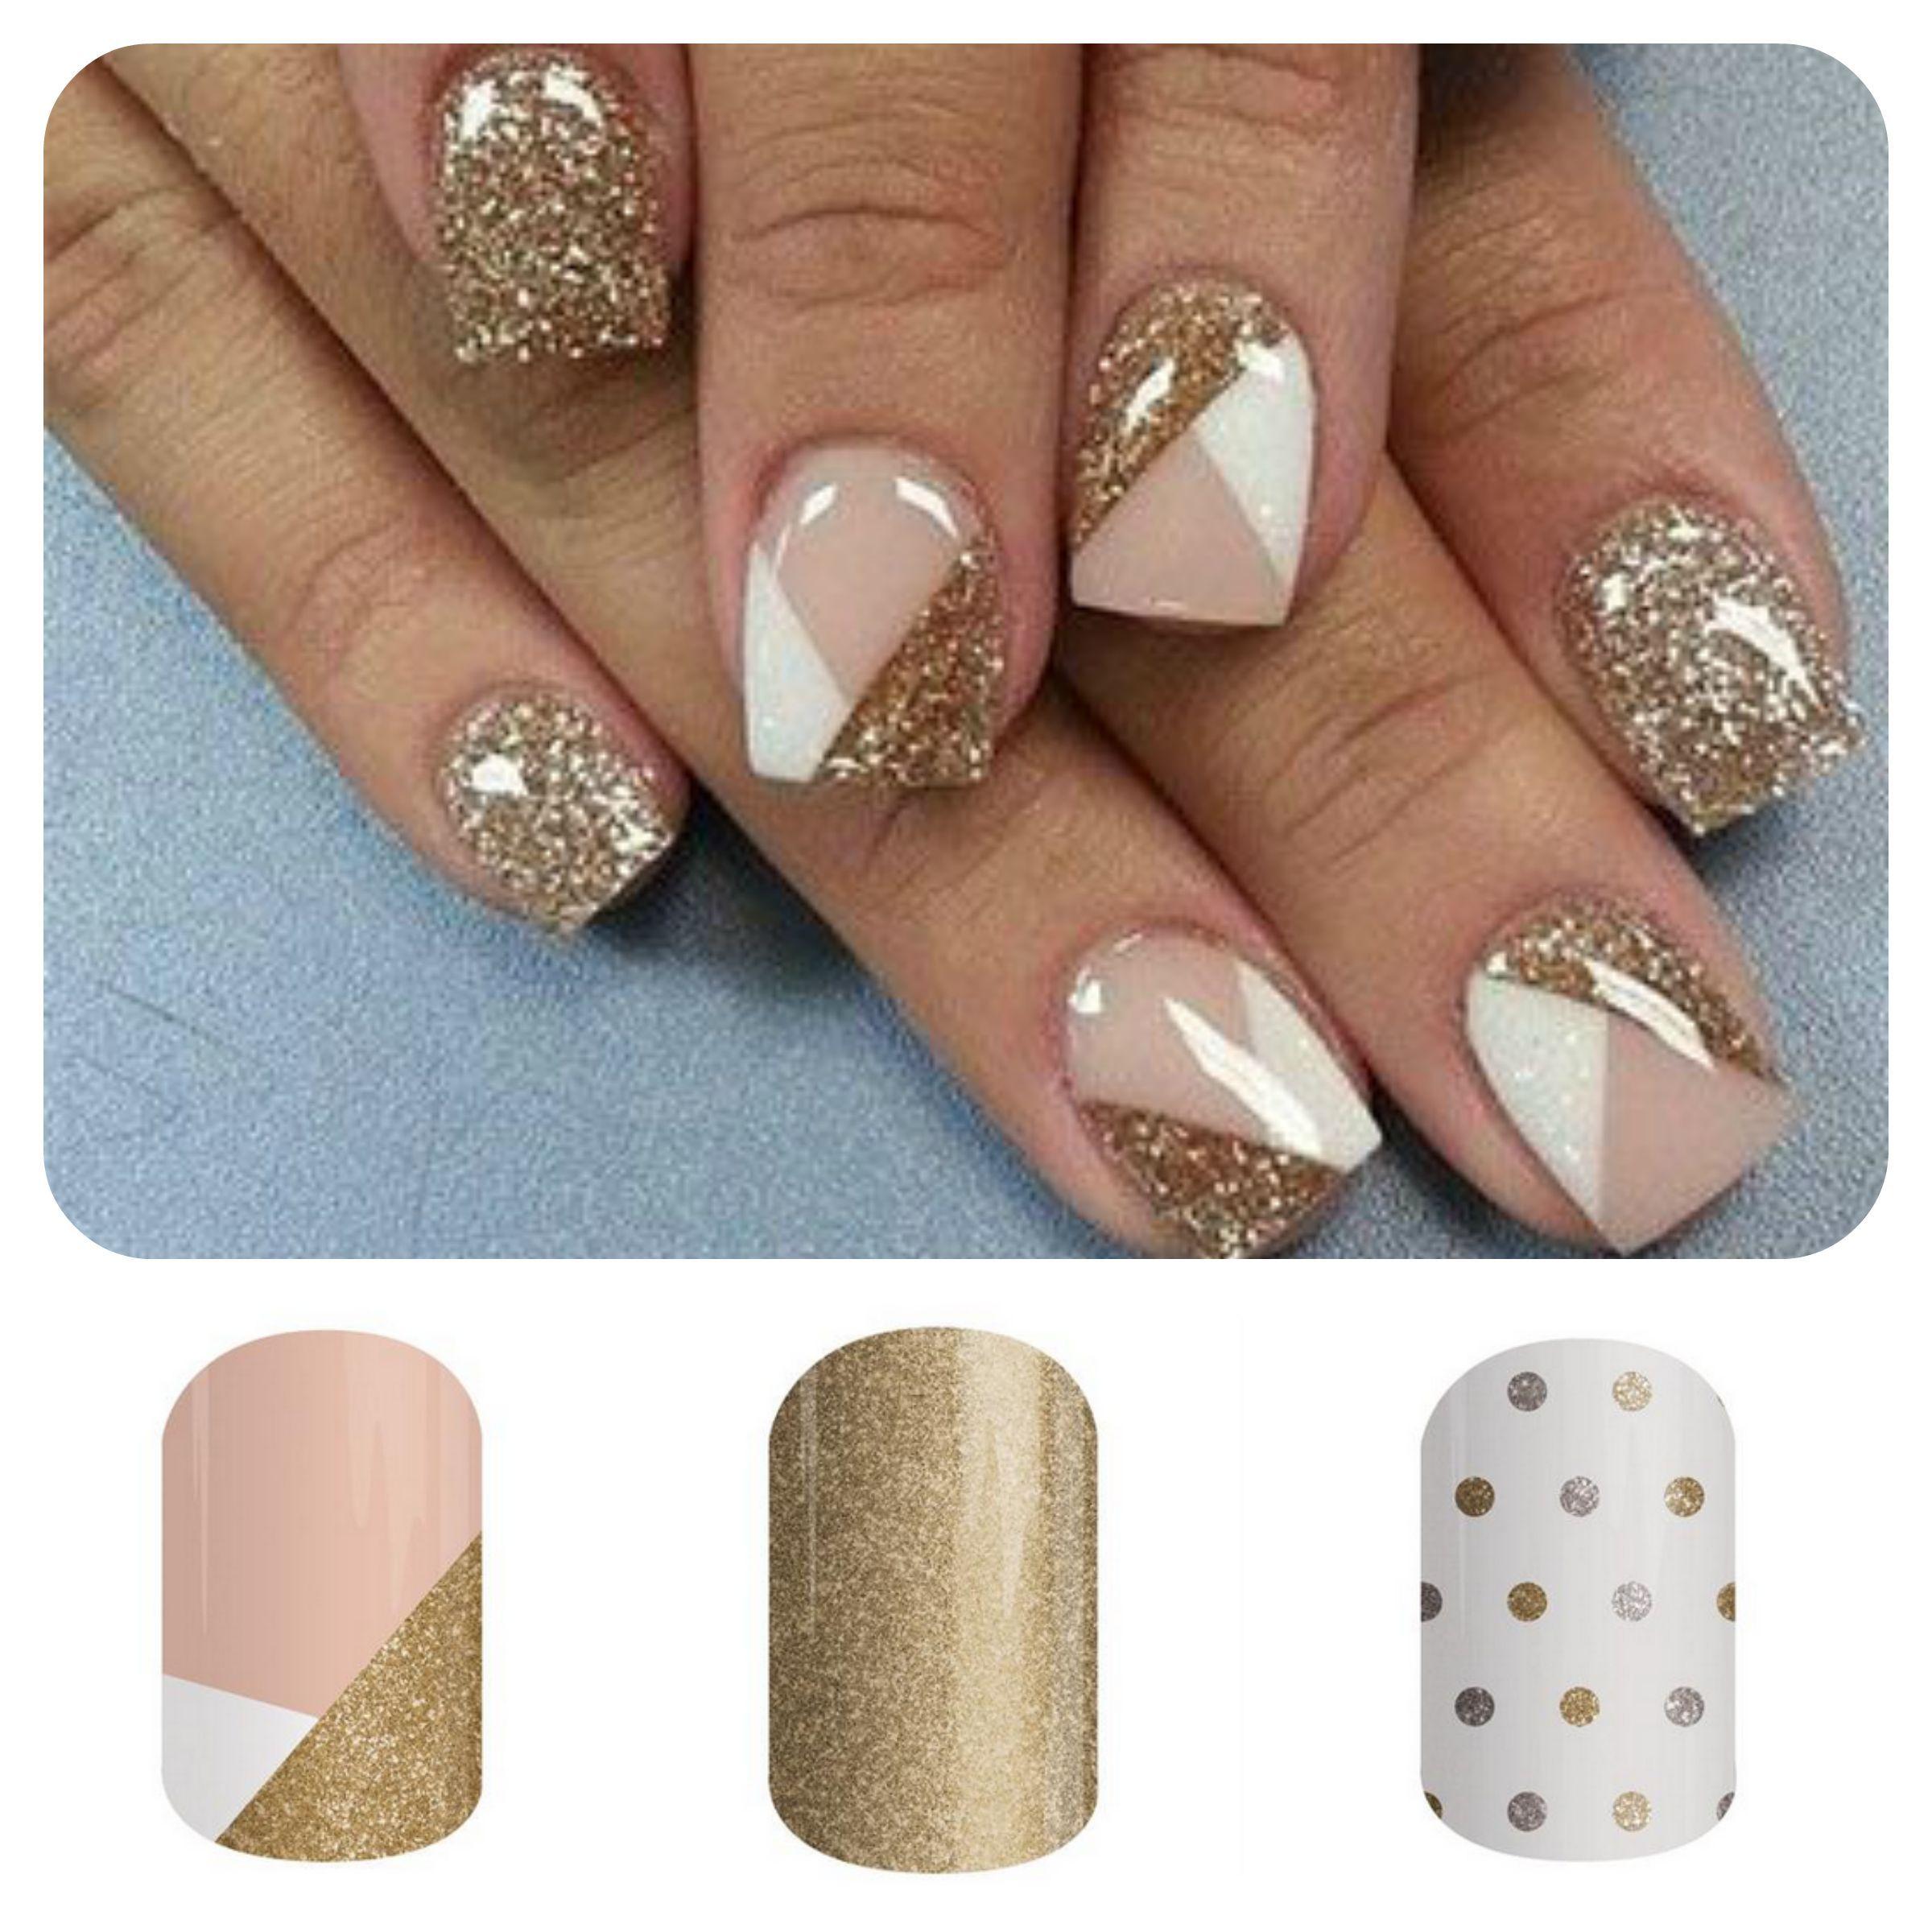 Pin de Magaly Guerrero en nails | Pinterest | Diseños de uñas ...